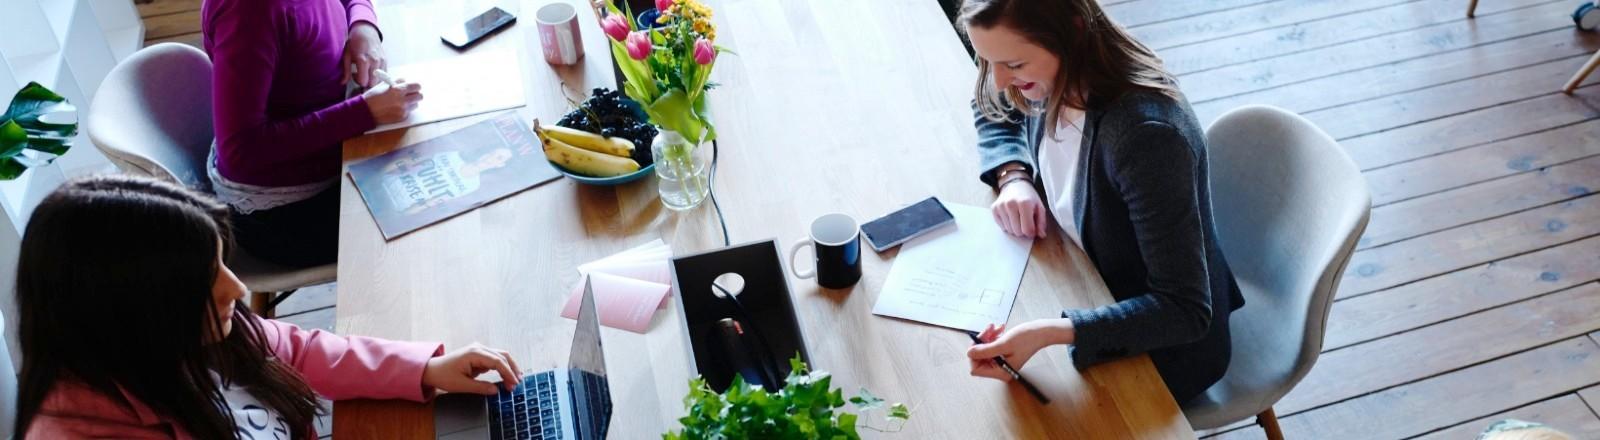 Frauen sitzen an einem Tisch und arbeiten zusammen